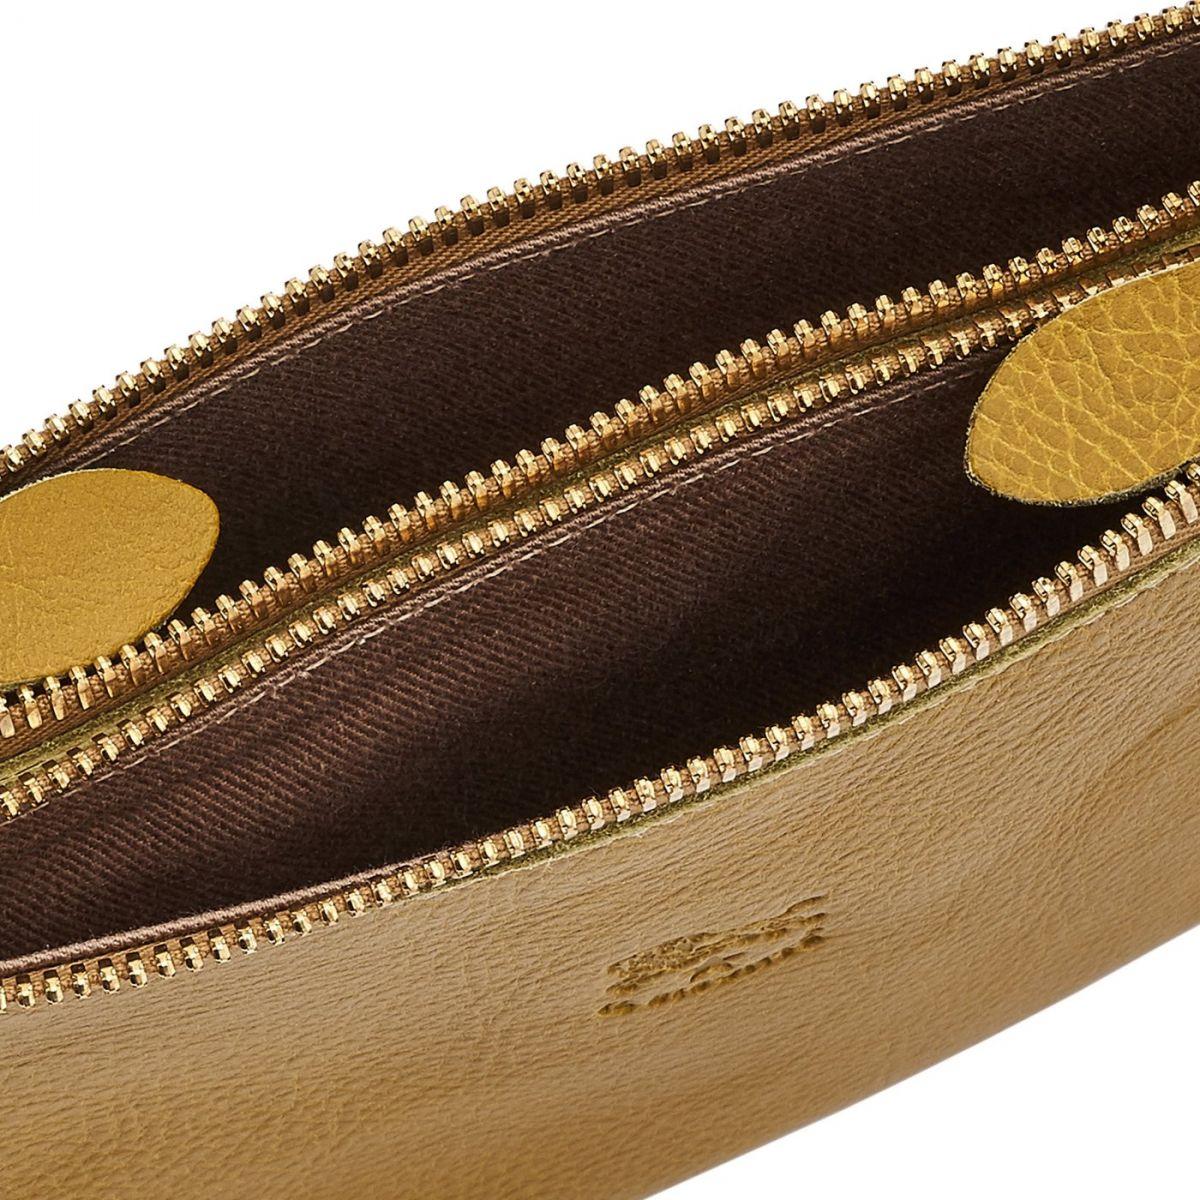 Giulia - Pochette pour Femme Talamone en Cuir De Vachette BCL022 couleur Curry | Details